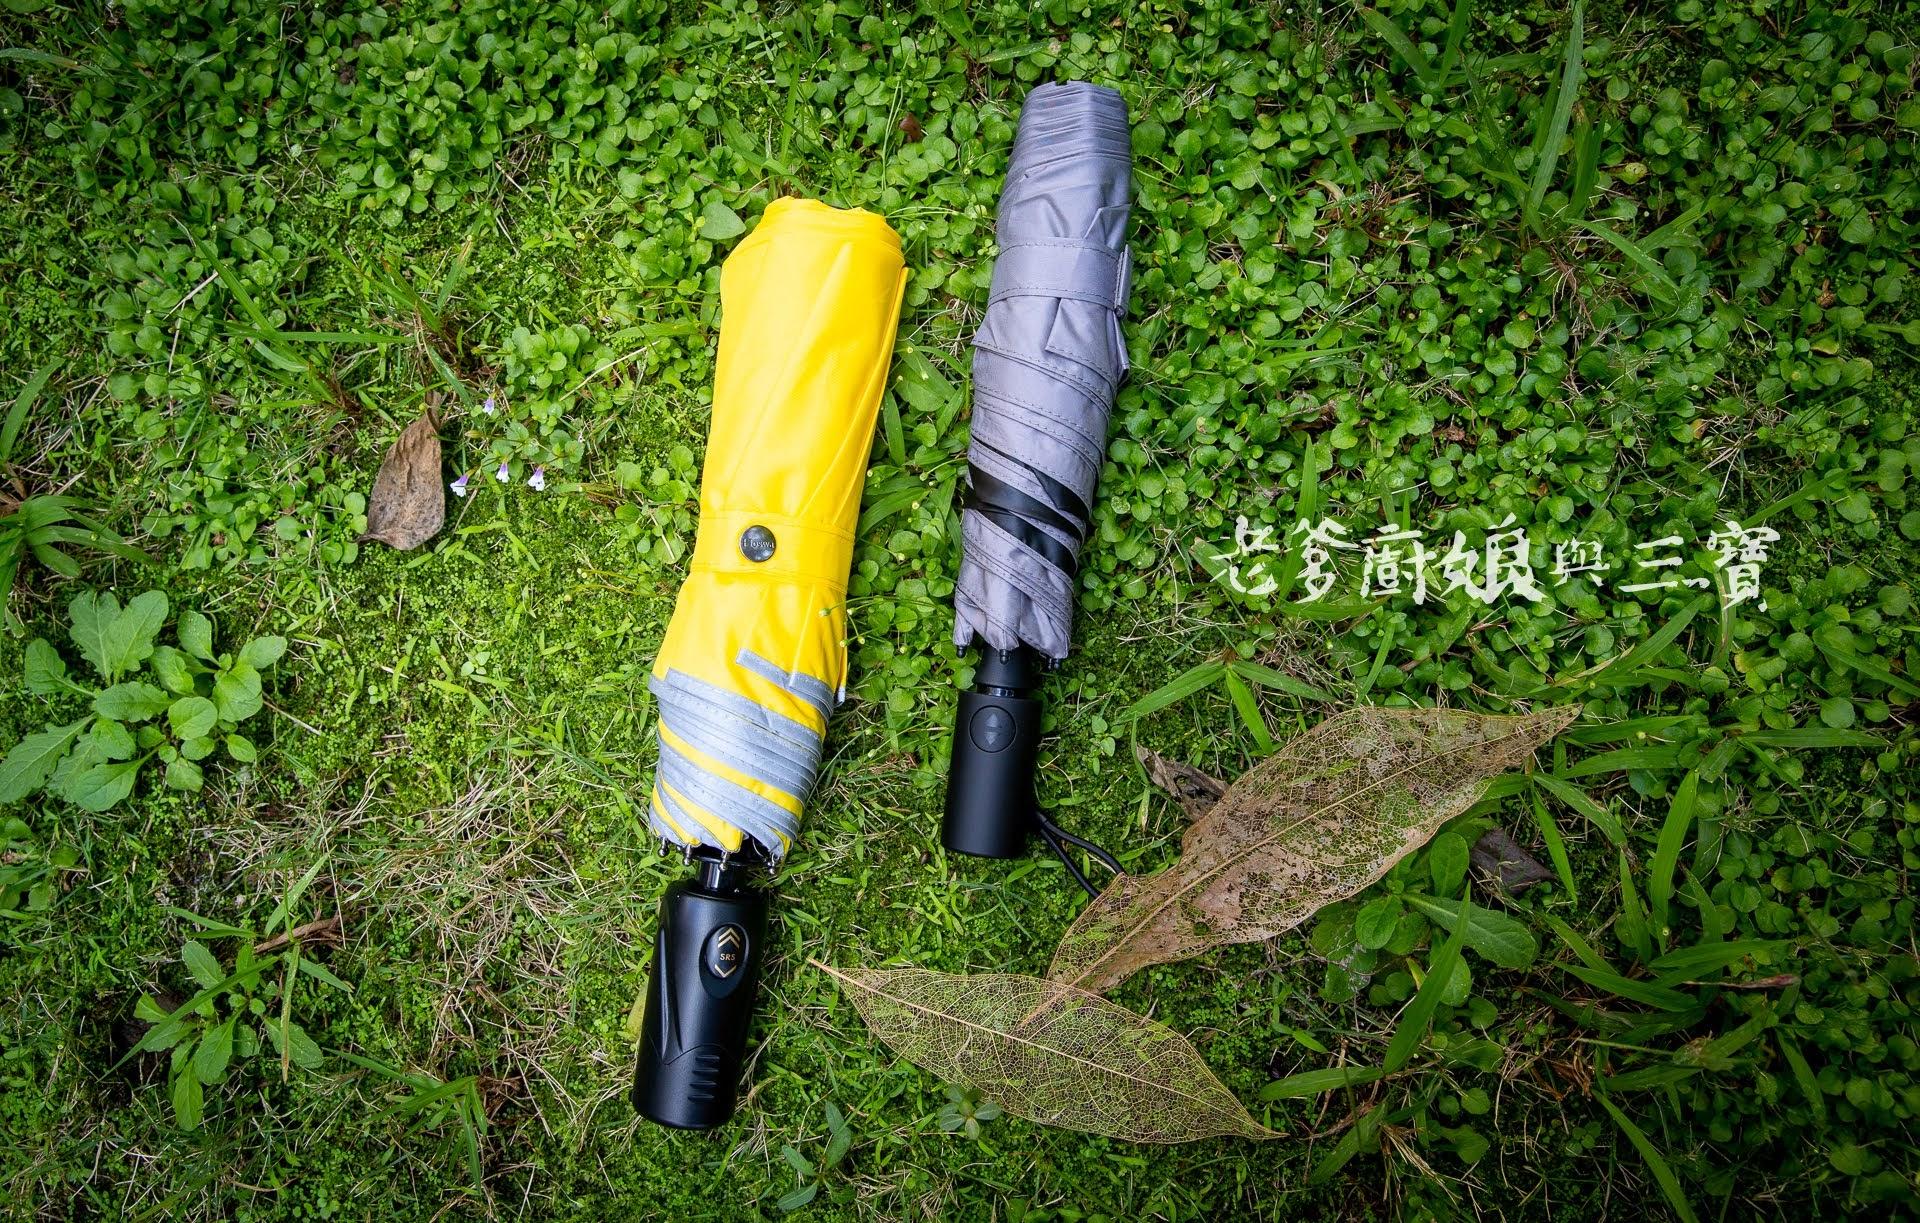 咱倆人的一支小雨傘『Hoswa福思華』,極輕量、一甩即乾雨傘